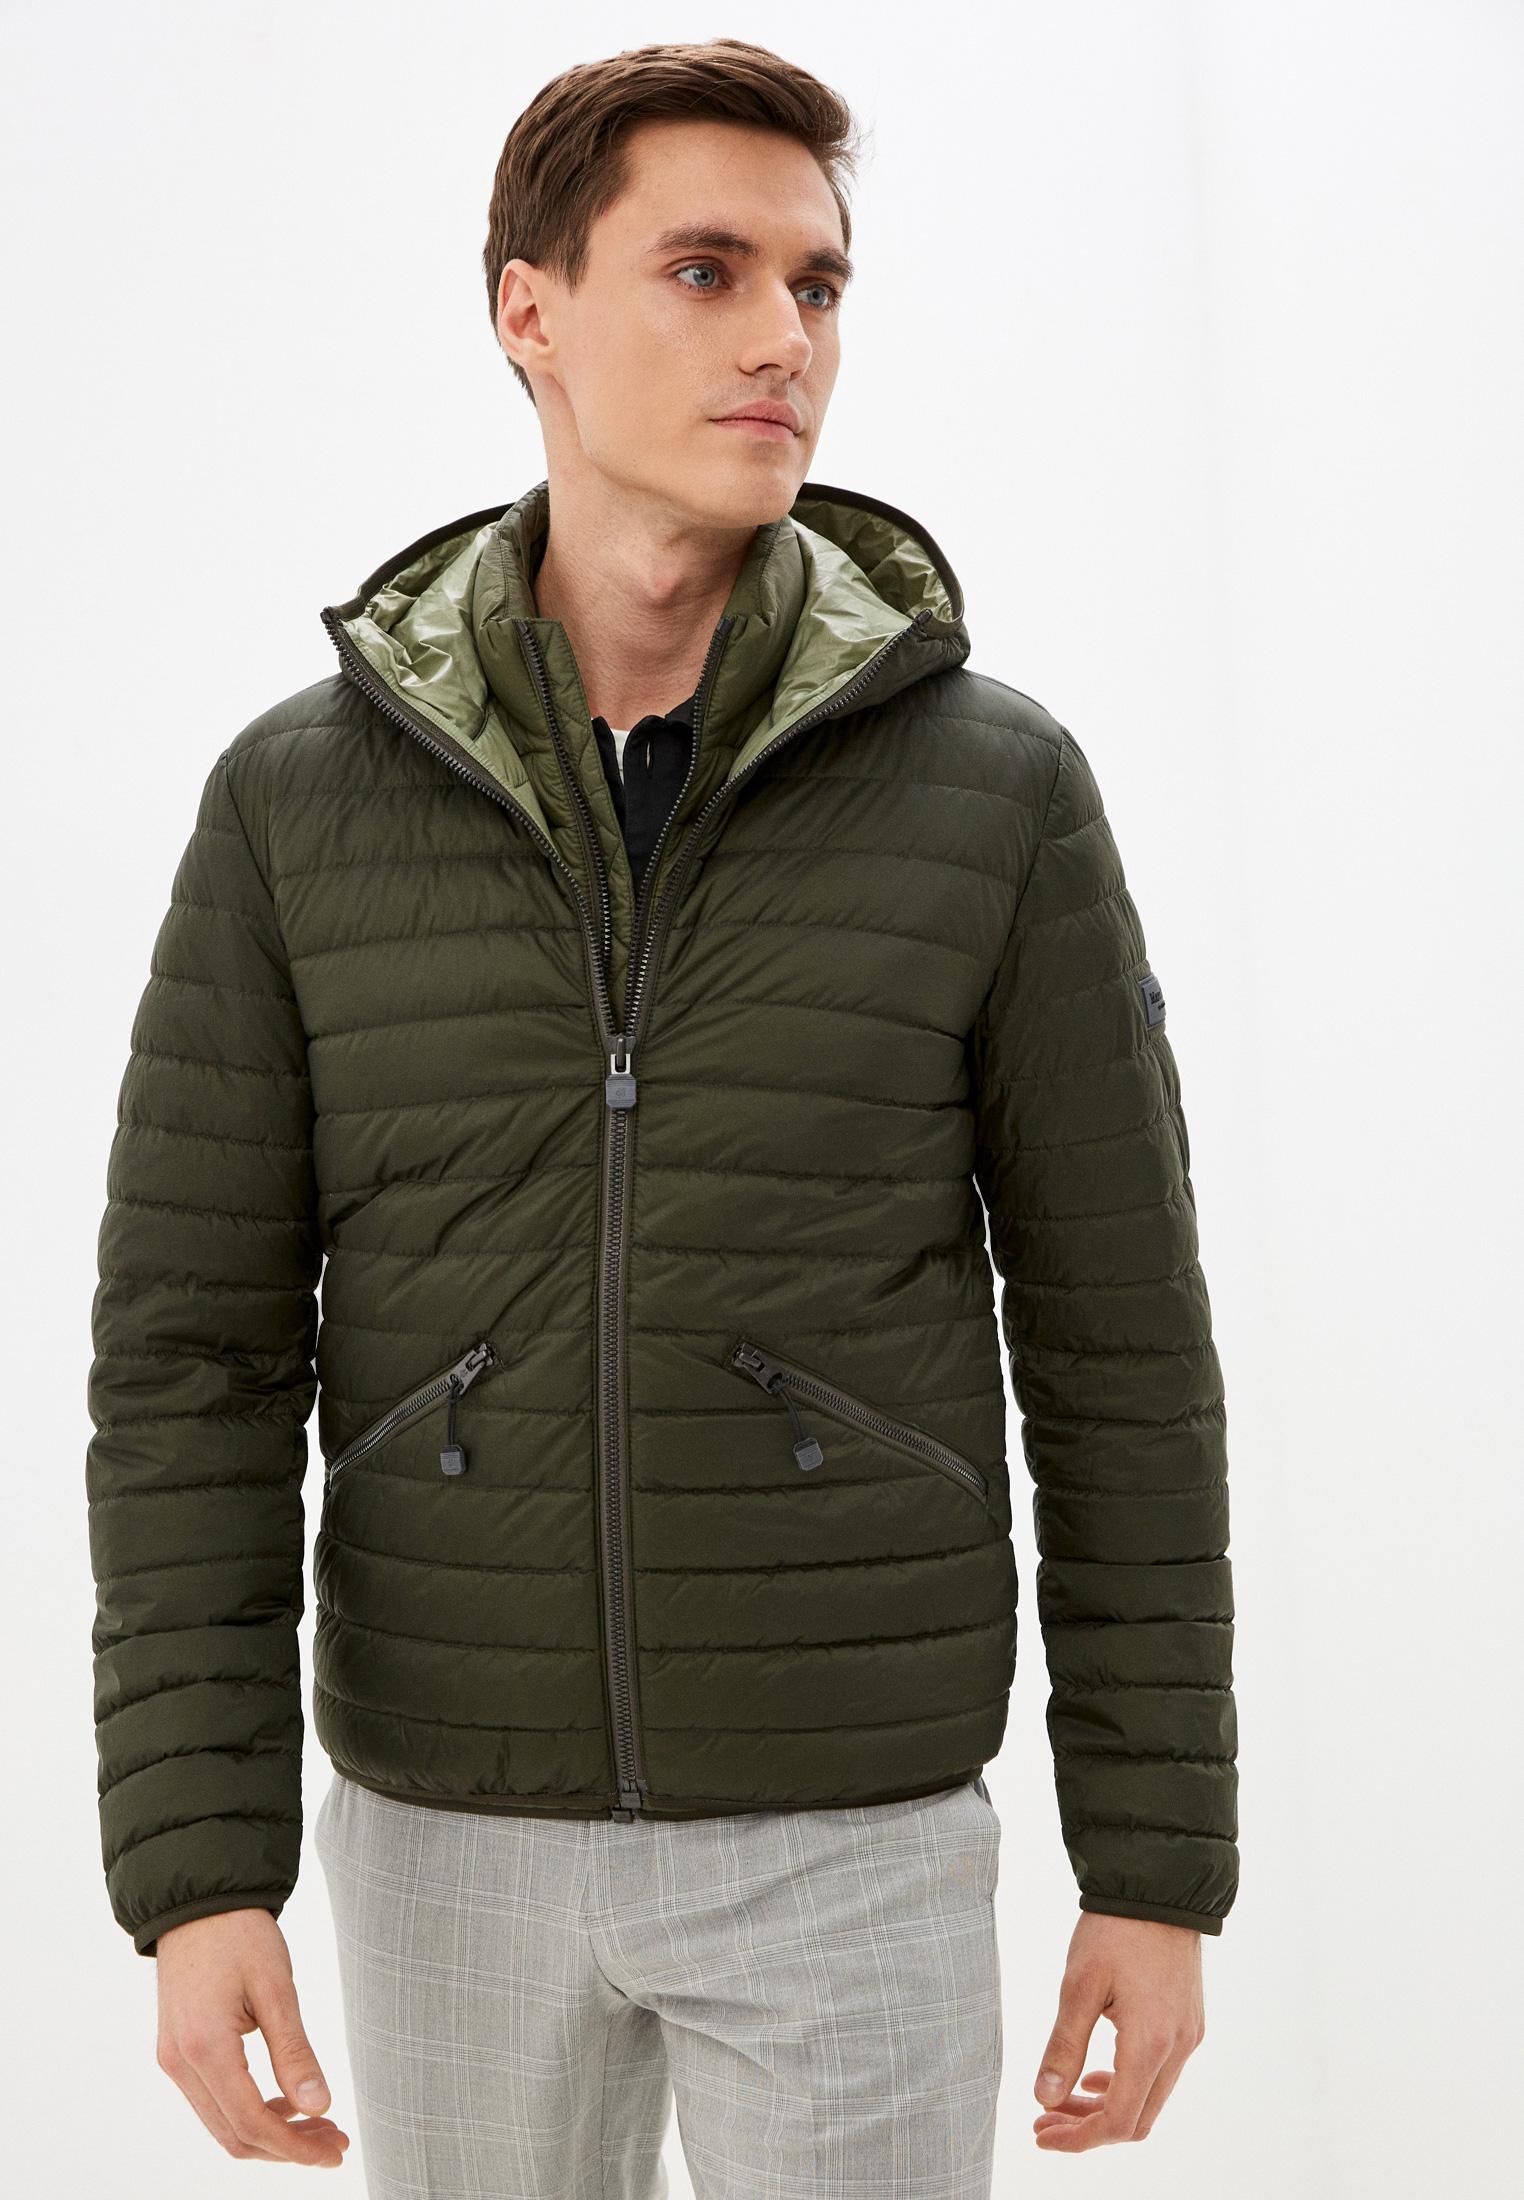 Утепленная куртка Marc O`Polo Куртка утепленная Marc O'Polo